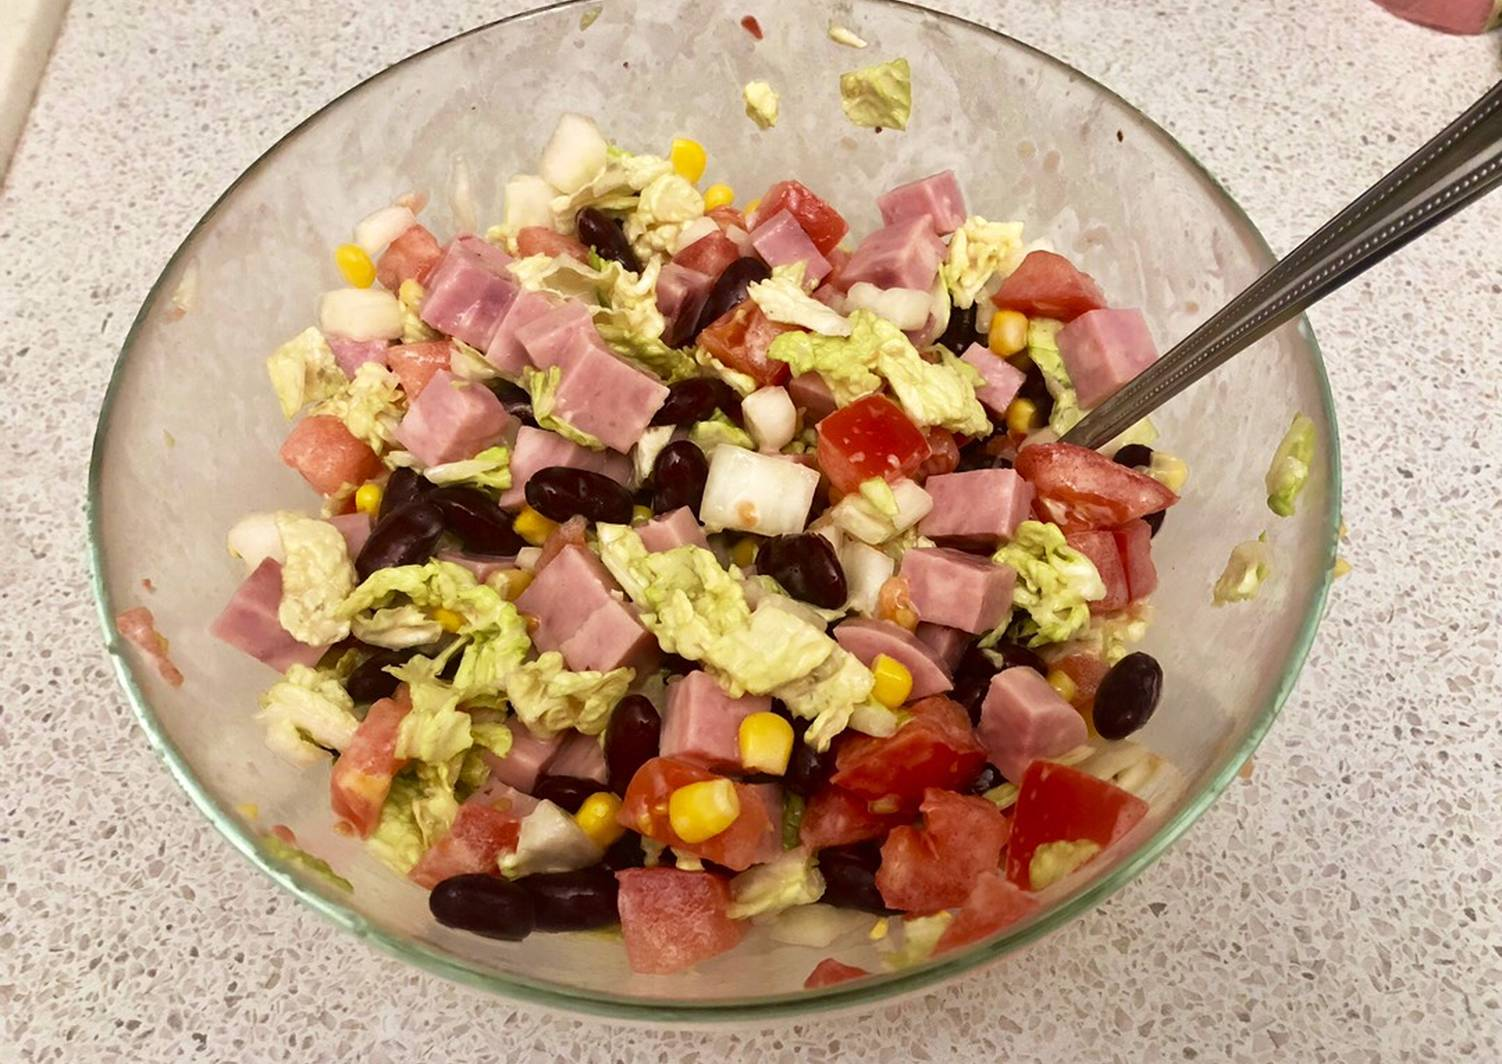 рецепты любимых салатов с фото придания